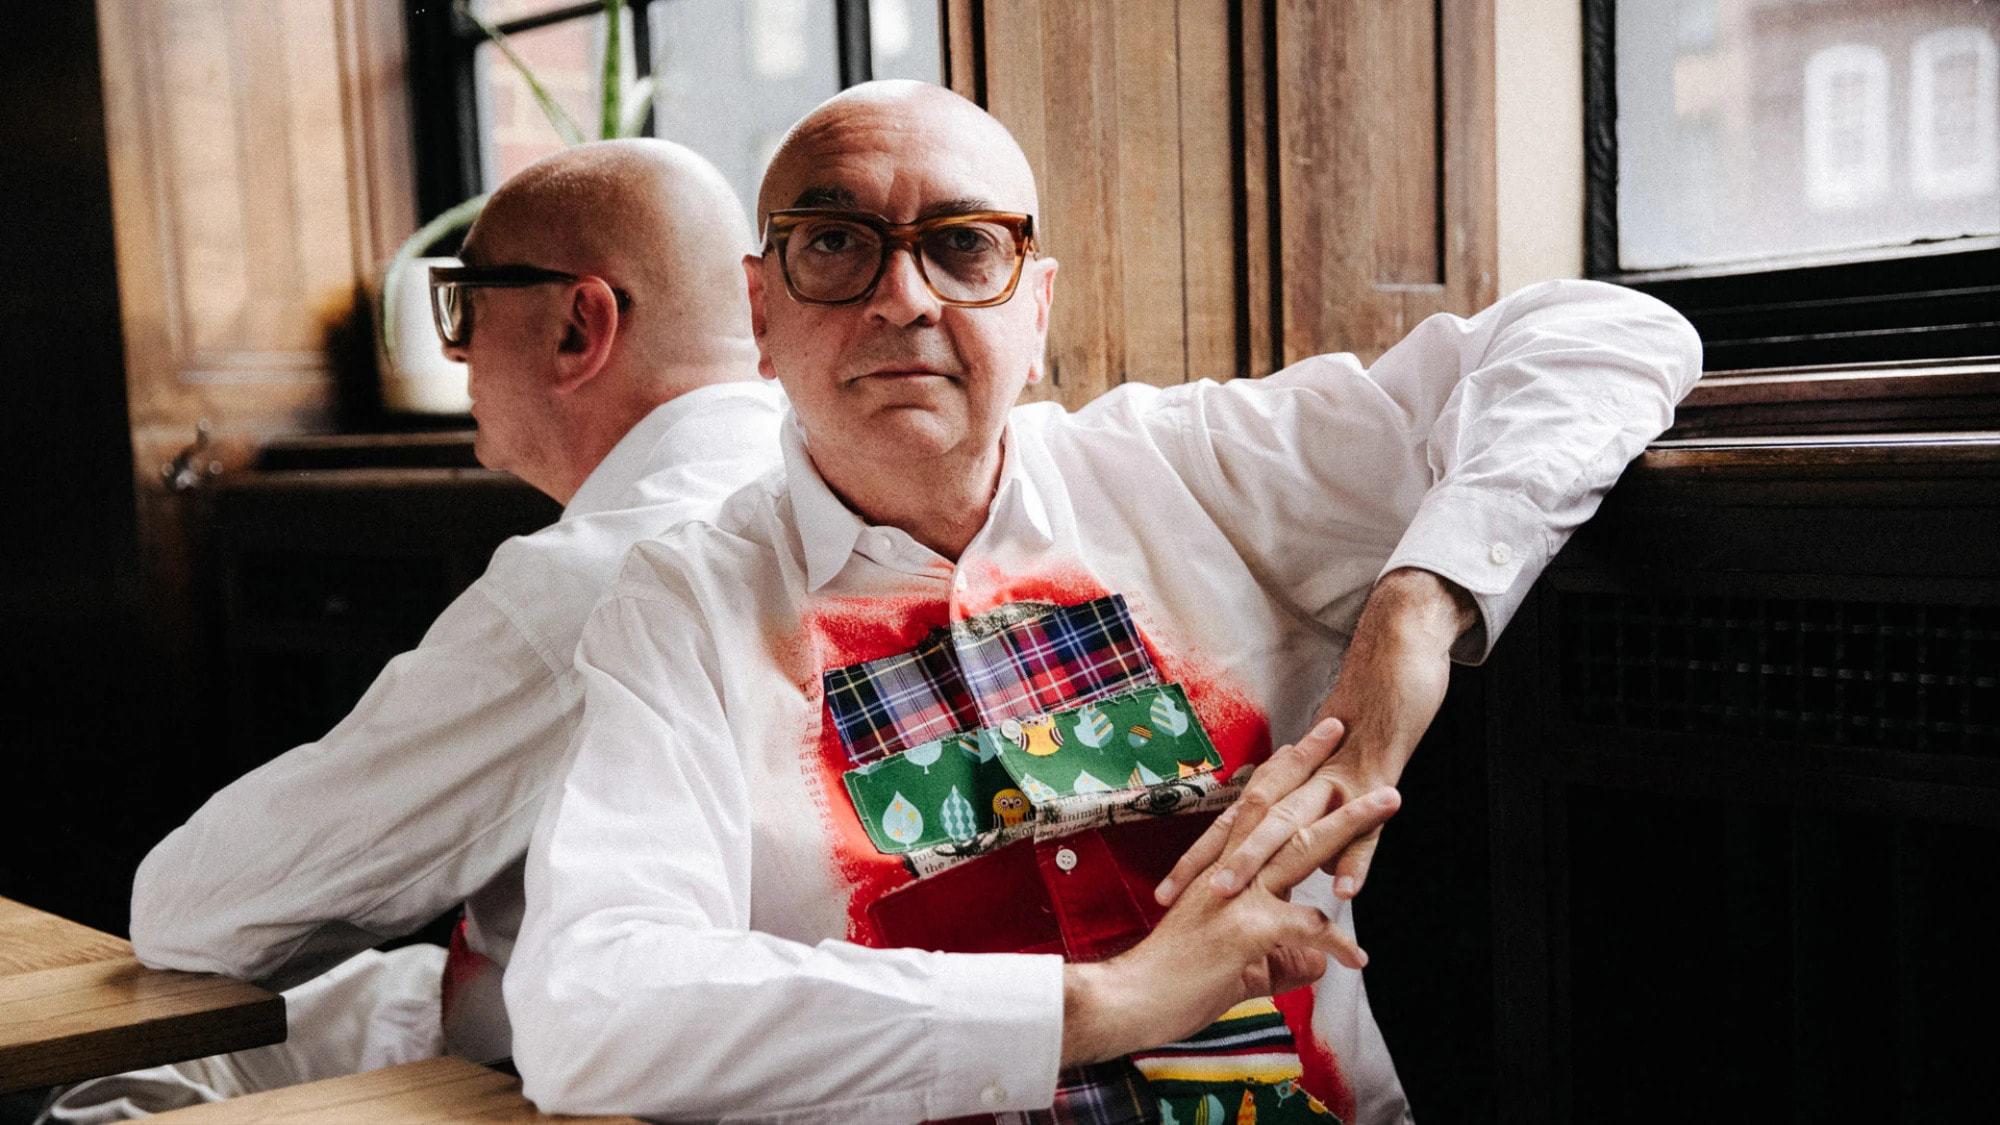 「ジェリーナズ」の最高責任者を務める、フードライターのアンドレア・ペトリーニ(Andrea Petrini)。「世界のベストレストラン50(The World's  50  Best  Restaurants)」のフランス支部会長を長年務め、昨年は「ワールド・レストラン・アワーズ(The World Restaurant Awards)」を創設した人物でもある。